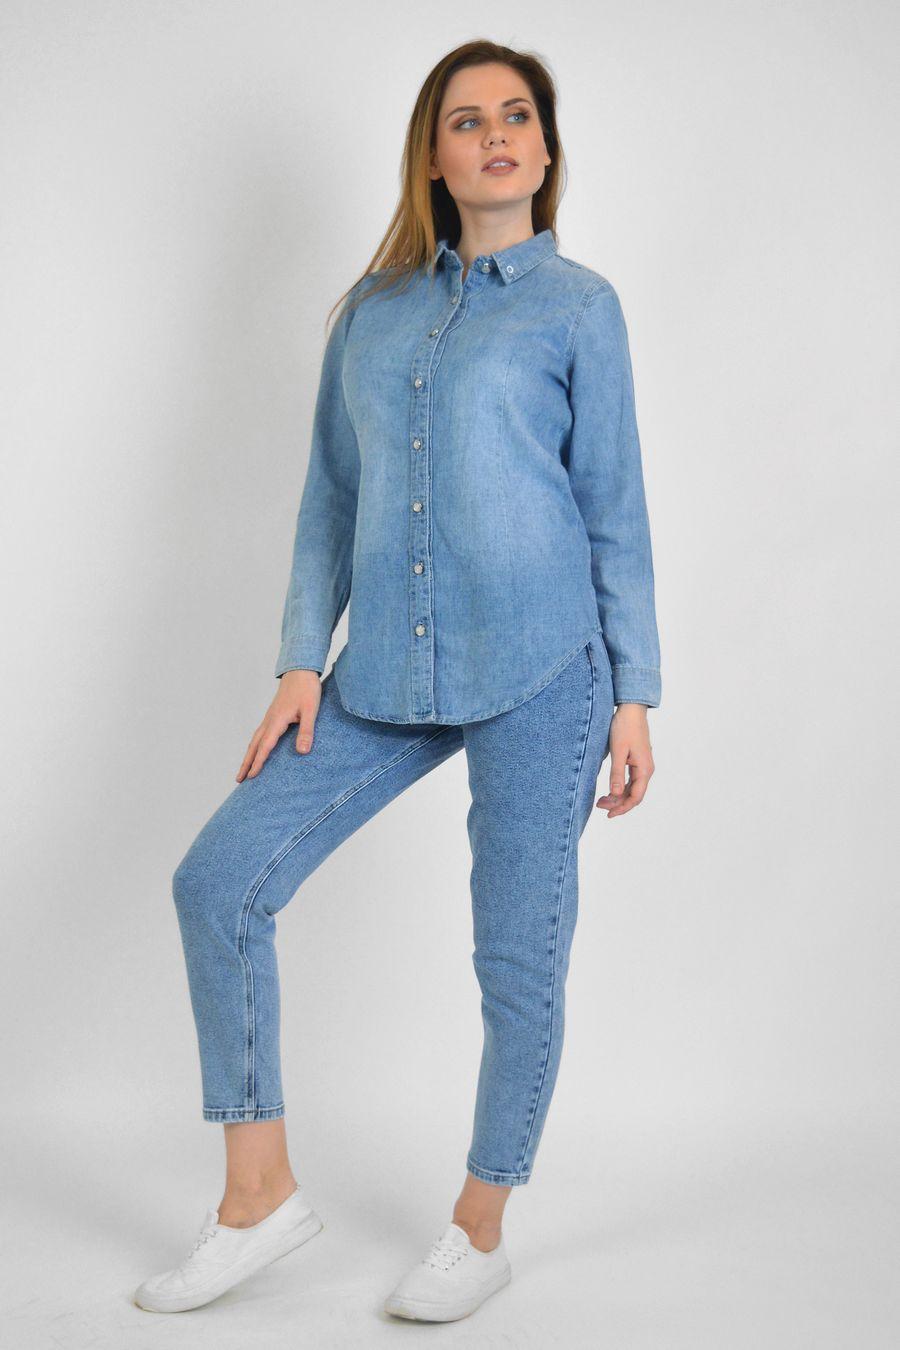 Рубашка женская Baccino 9677 джинсовая - фото 1